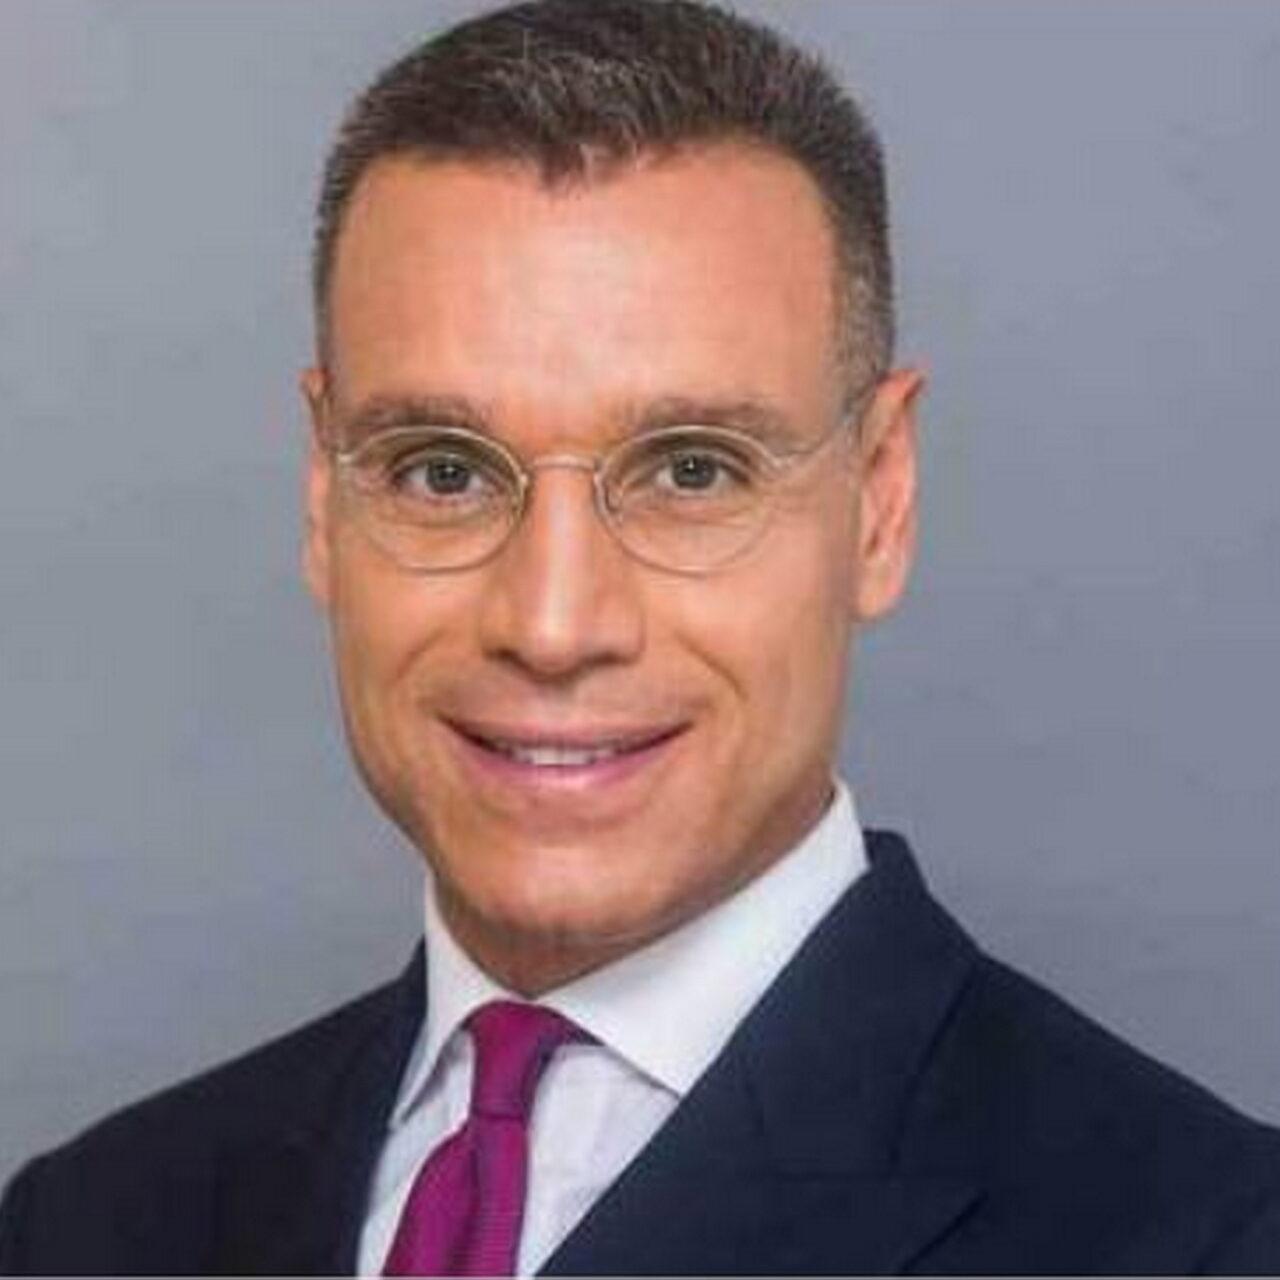 Deutsche Investment mit neuer Führungsspitze